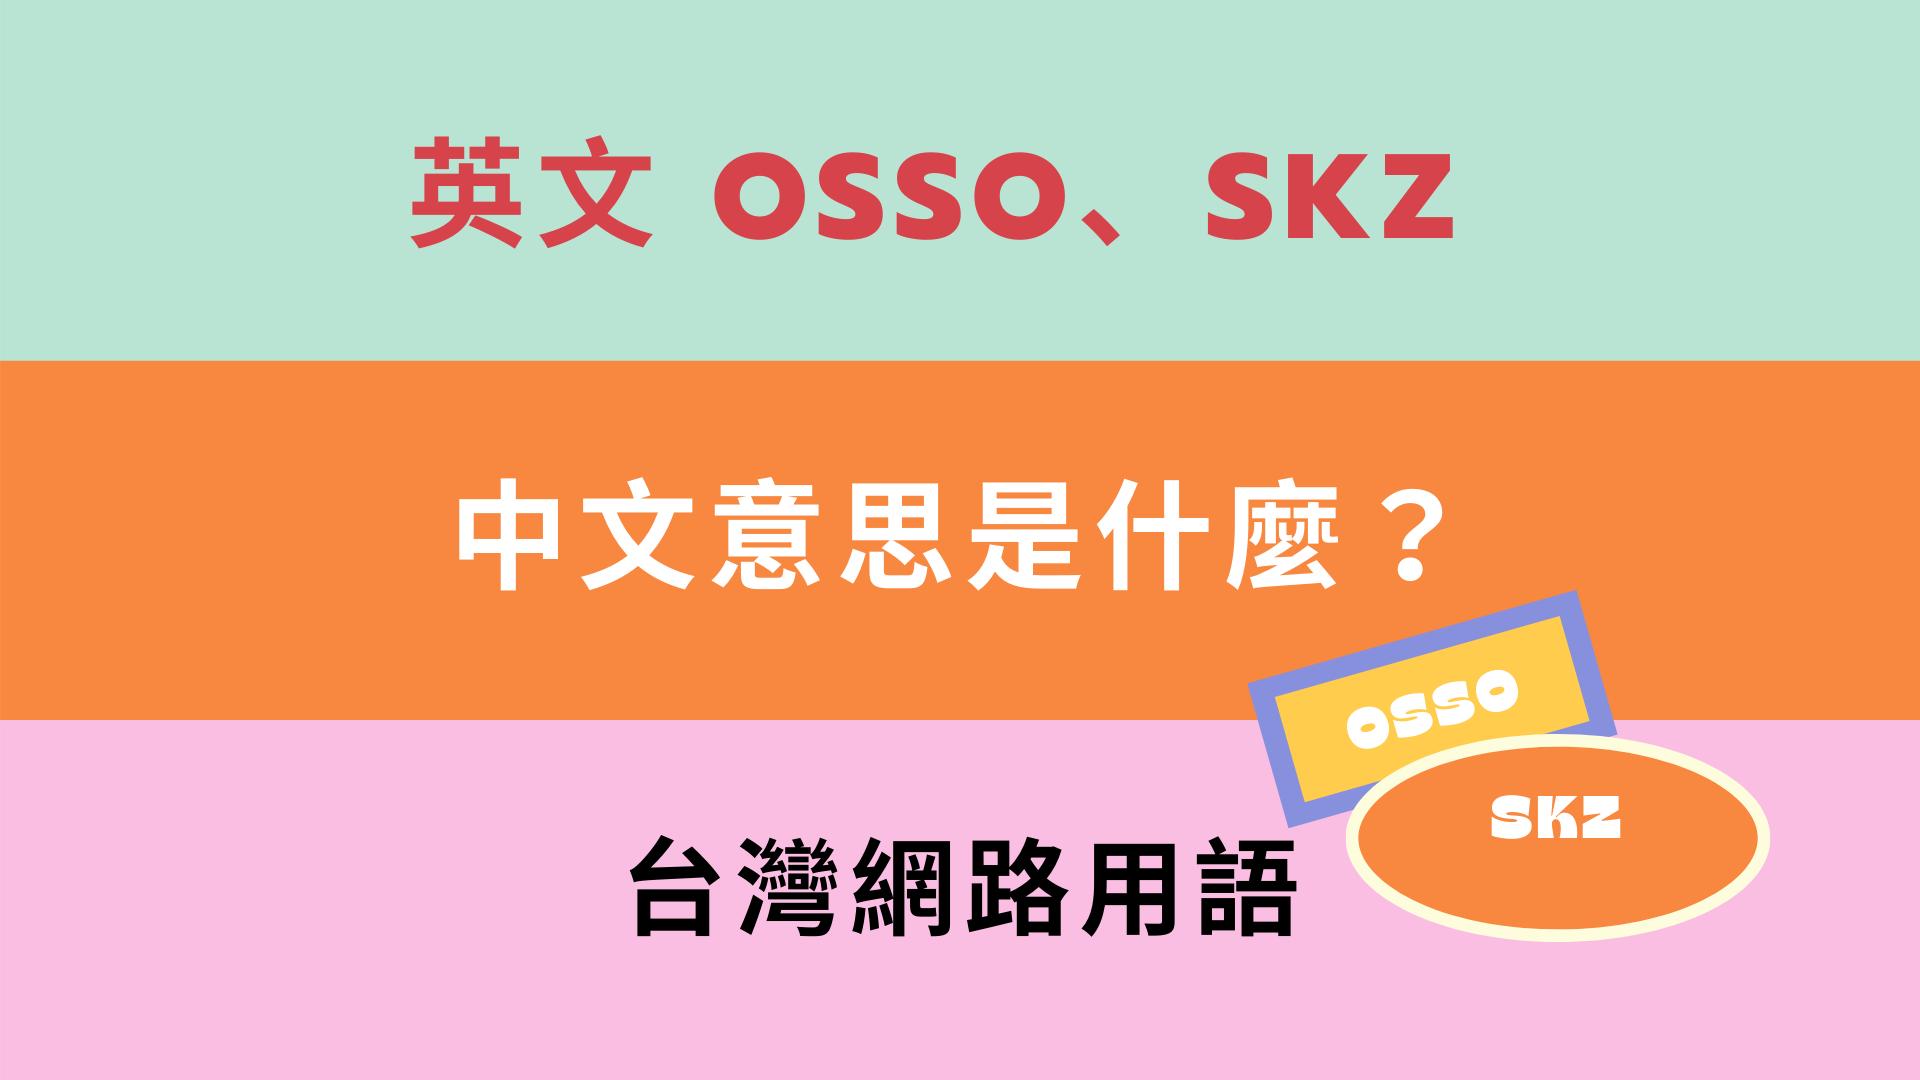 英文 osso、SKZ 中文意思是什麼?